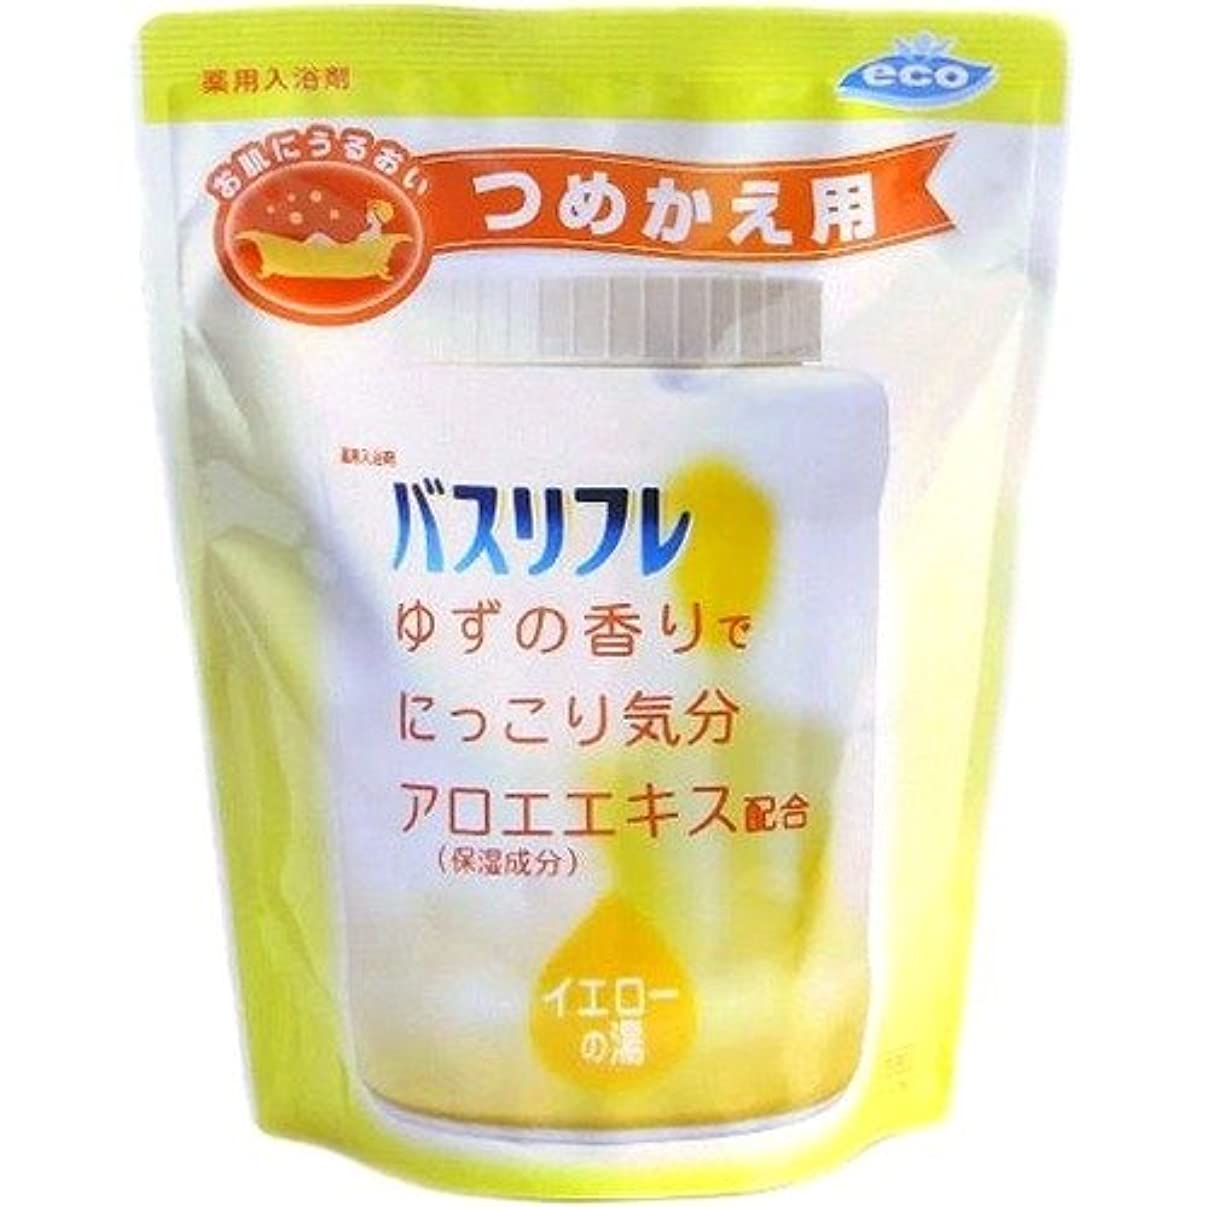 ライオンケミカル バスリフレ 薬用入浴剤 ゆずの香り つめかえ用 540g 4900480080102